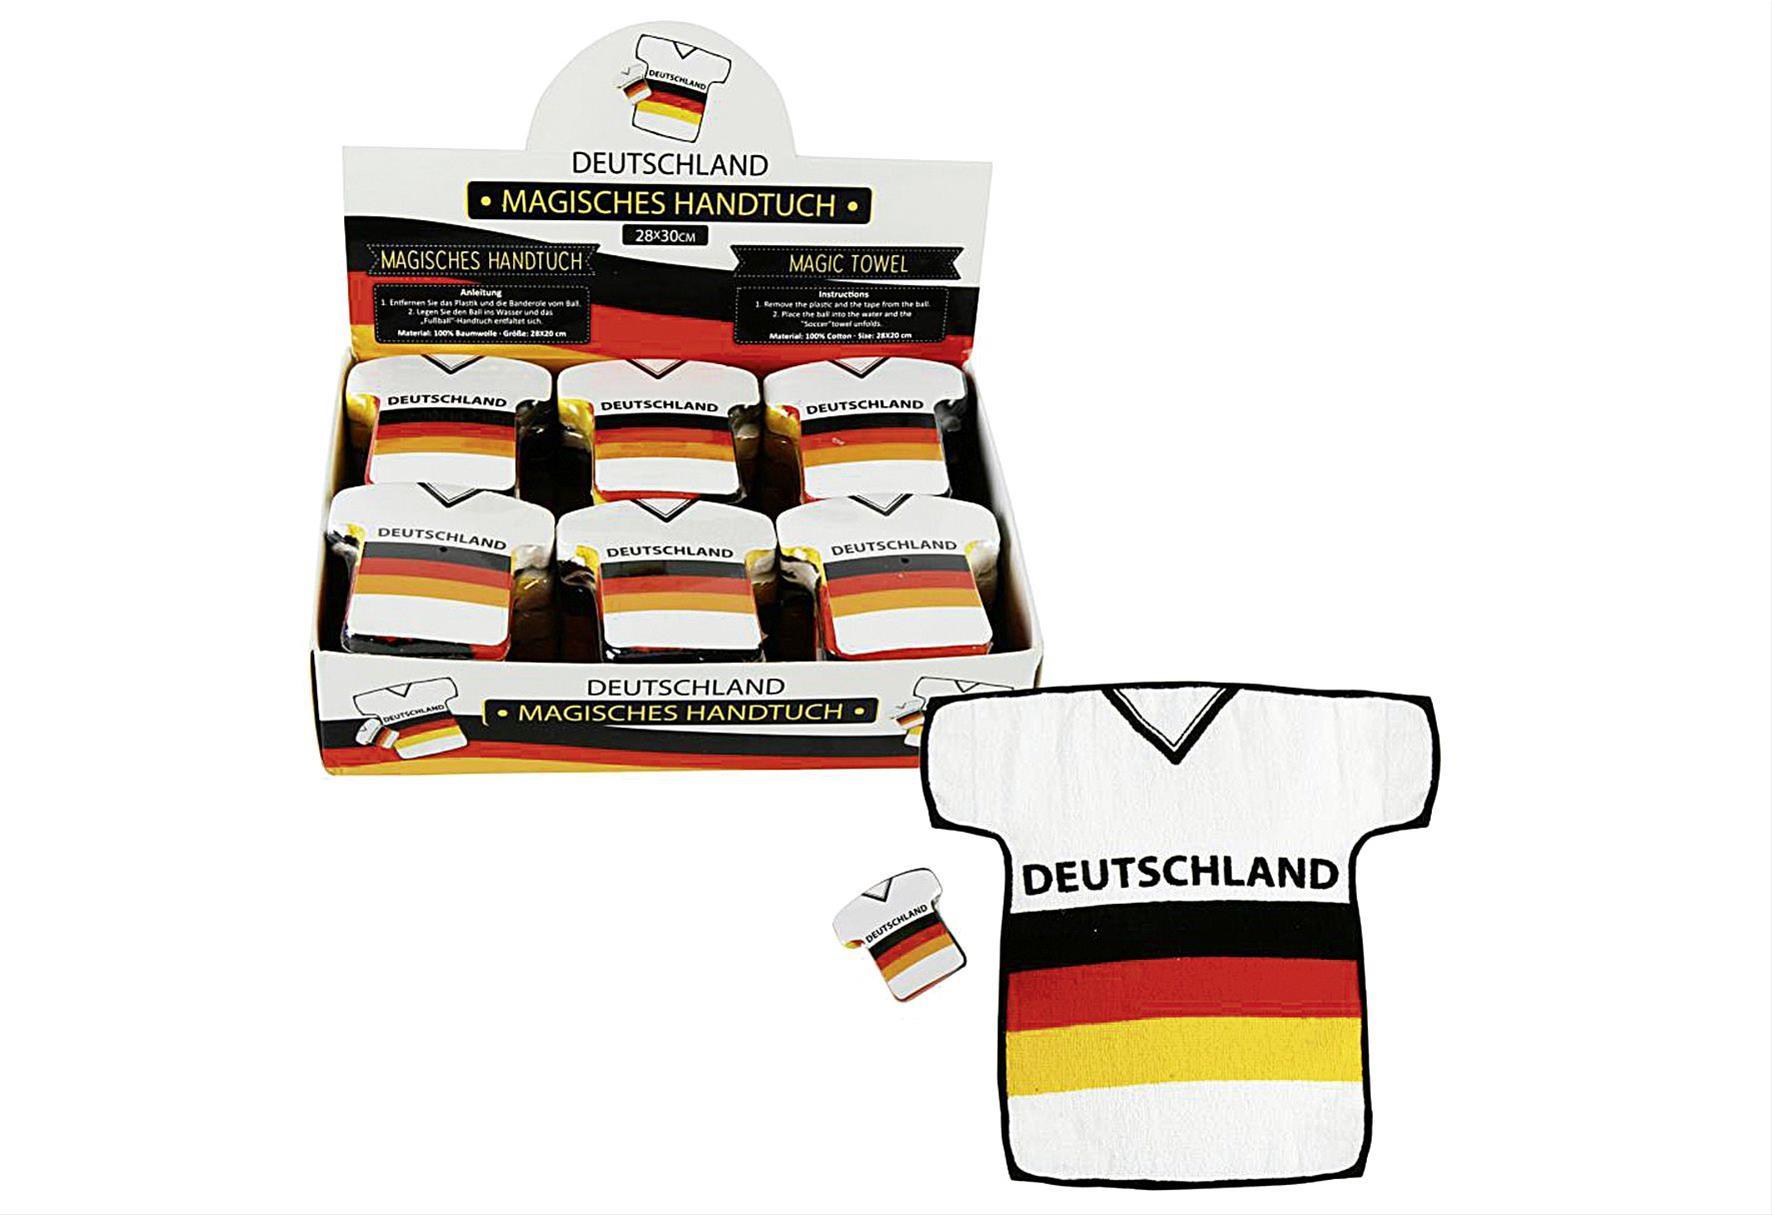 Magisches Handtuch Trikot Deutschland Bild 1